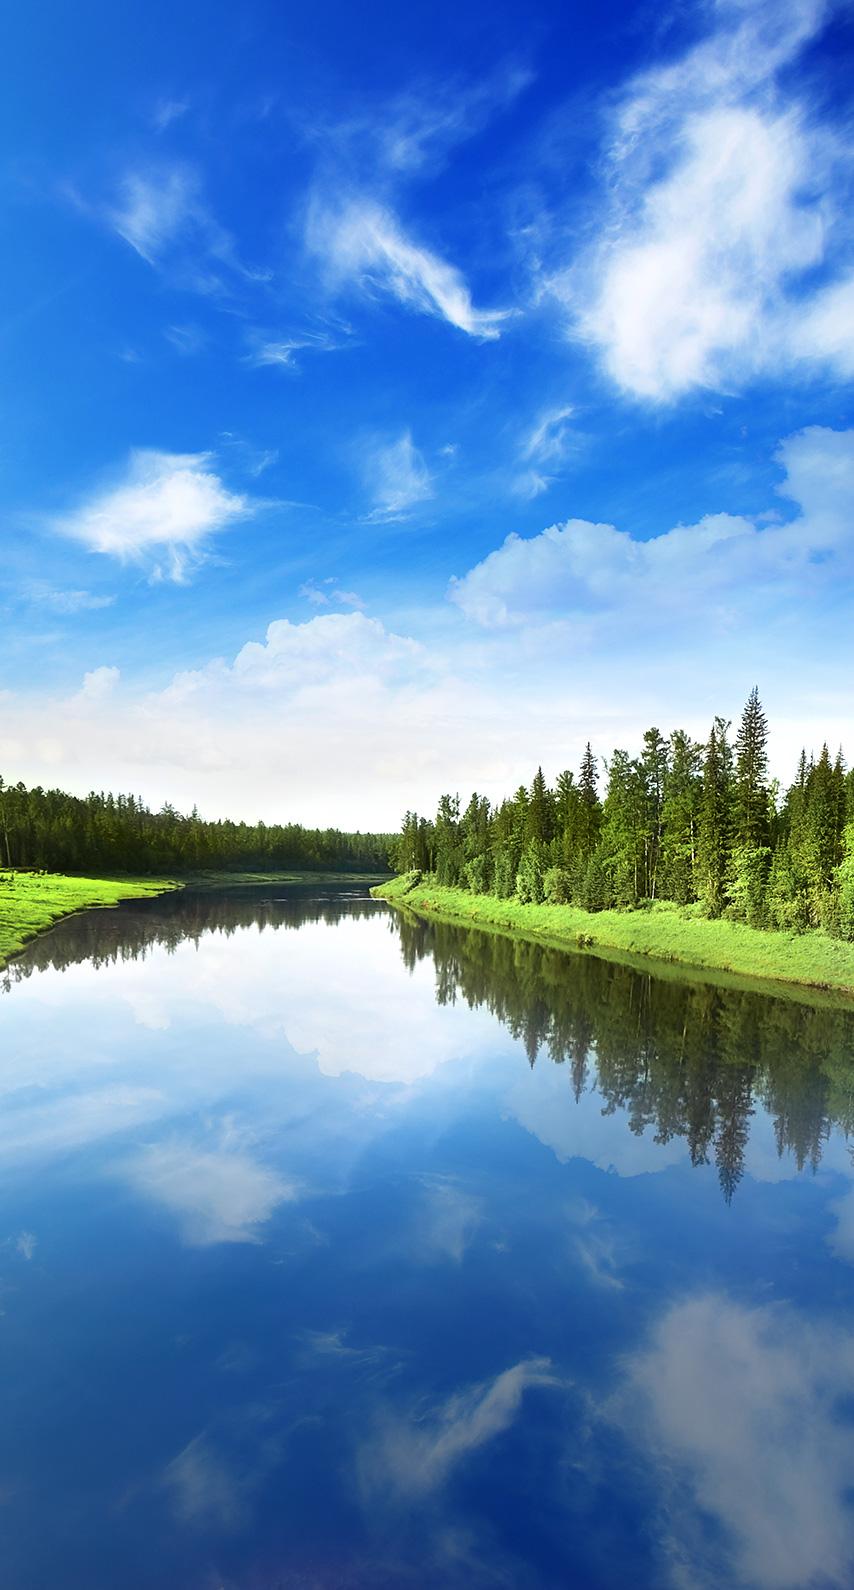 mount scenery, reservoir